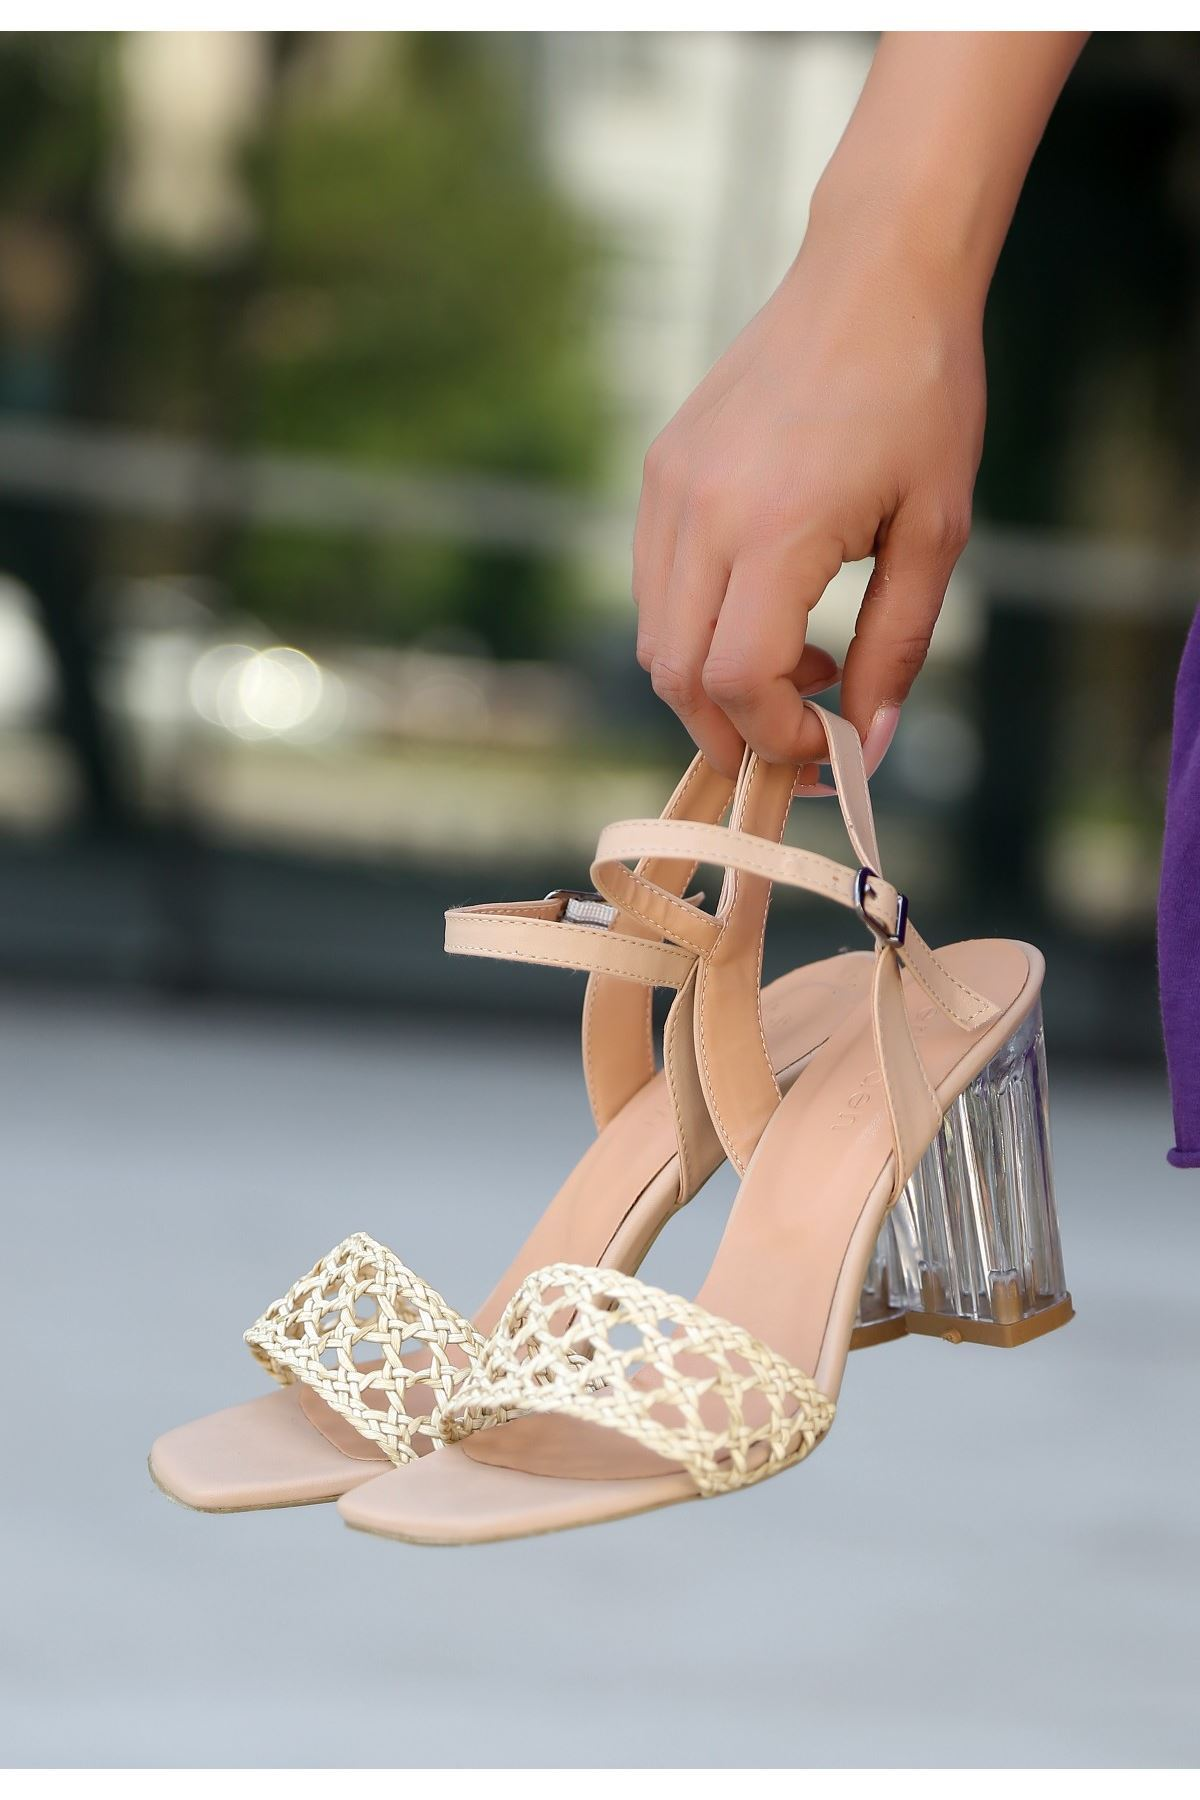 Lory Vizon Cilt Örgülü Topuklu Ayakkabı